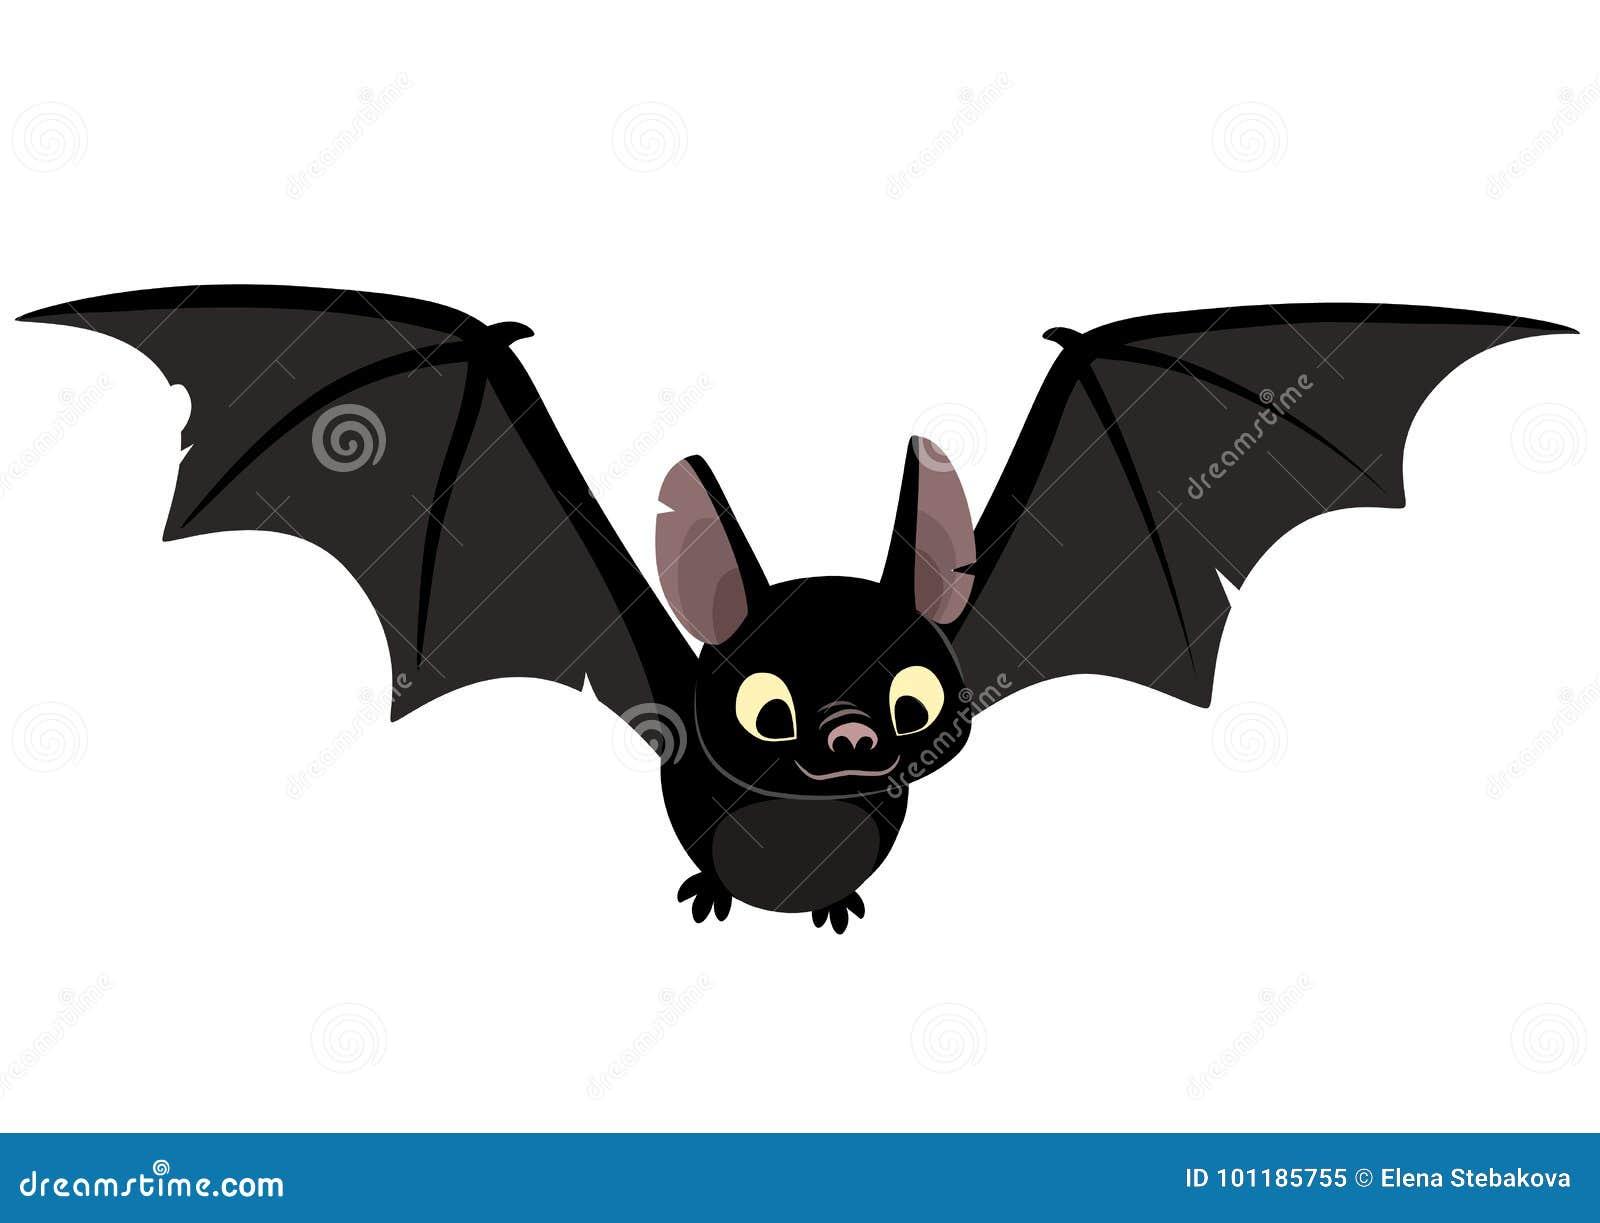 A Picture Of A Cartoon Bat vector cartoon illustration of cute friendly black bat